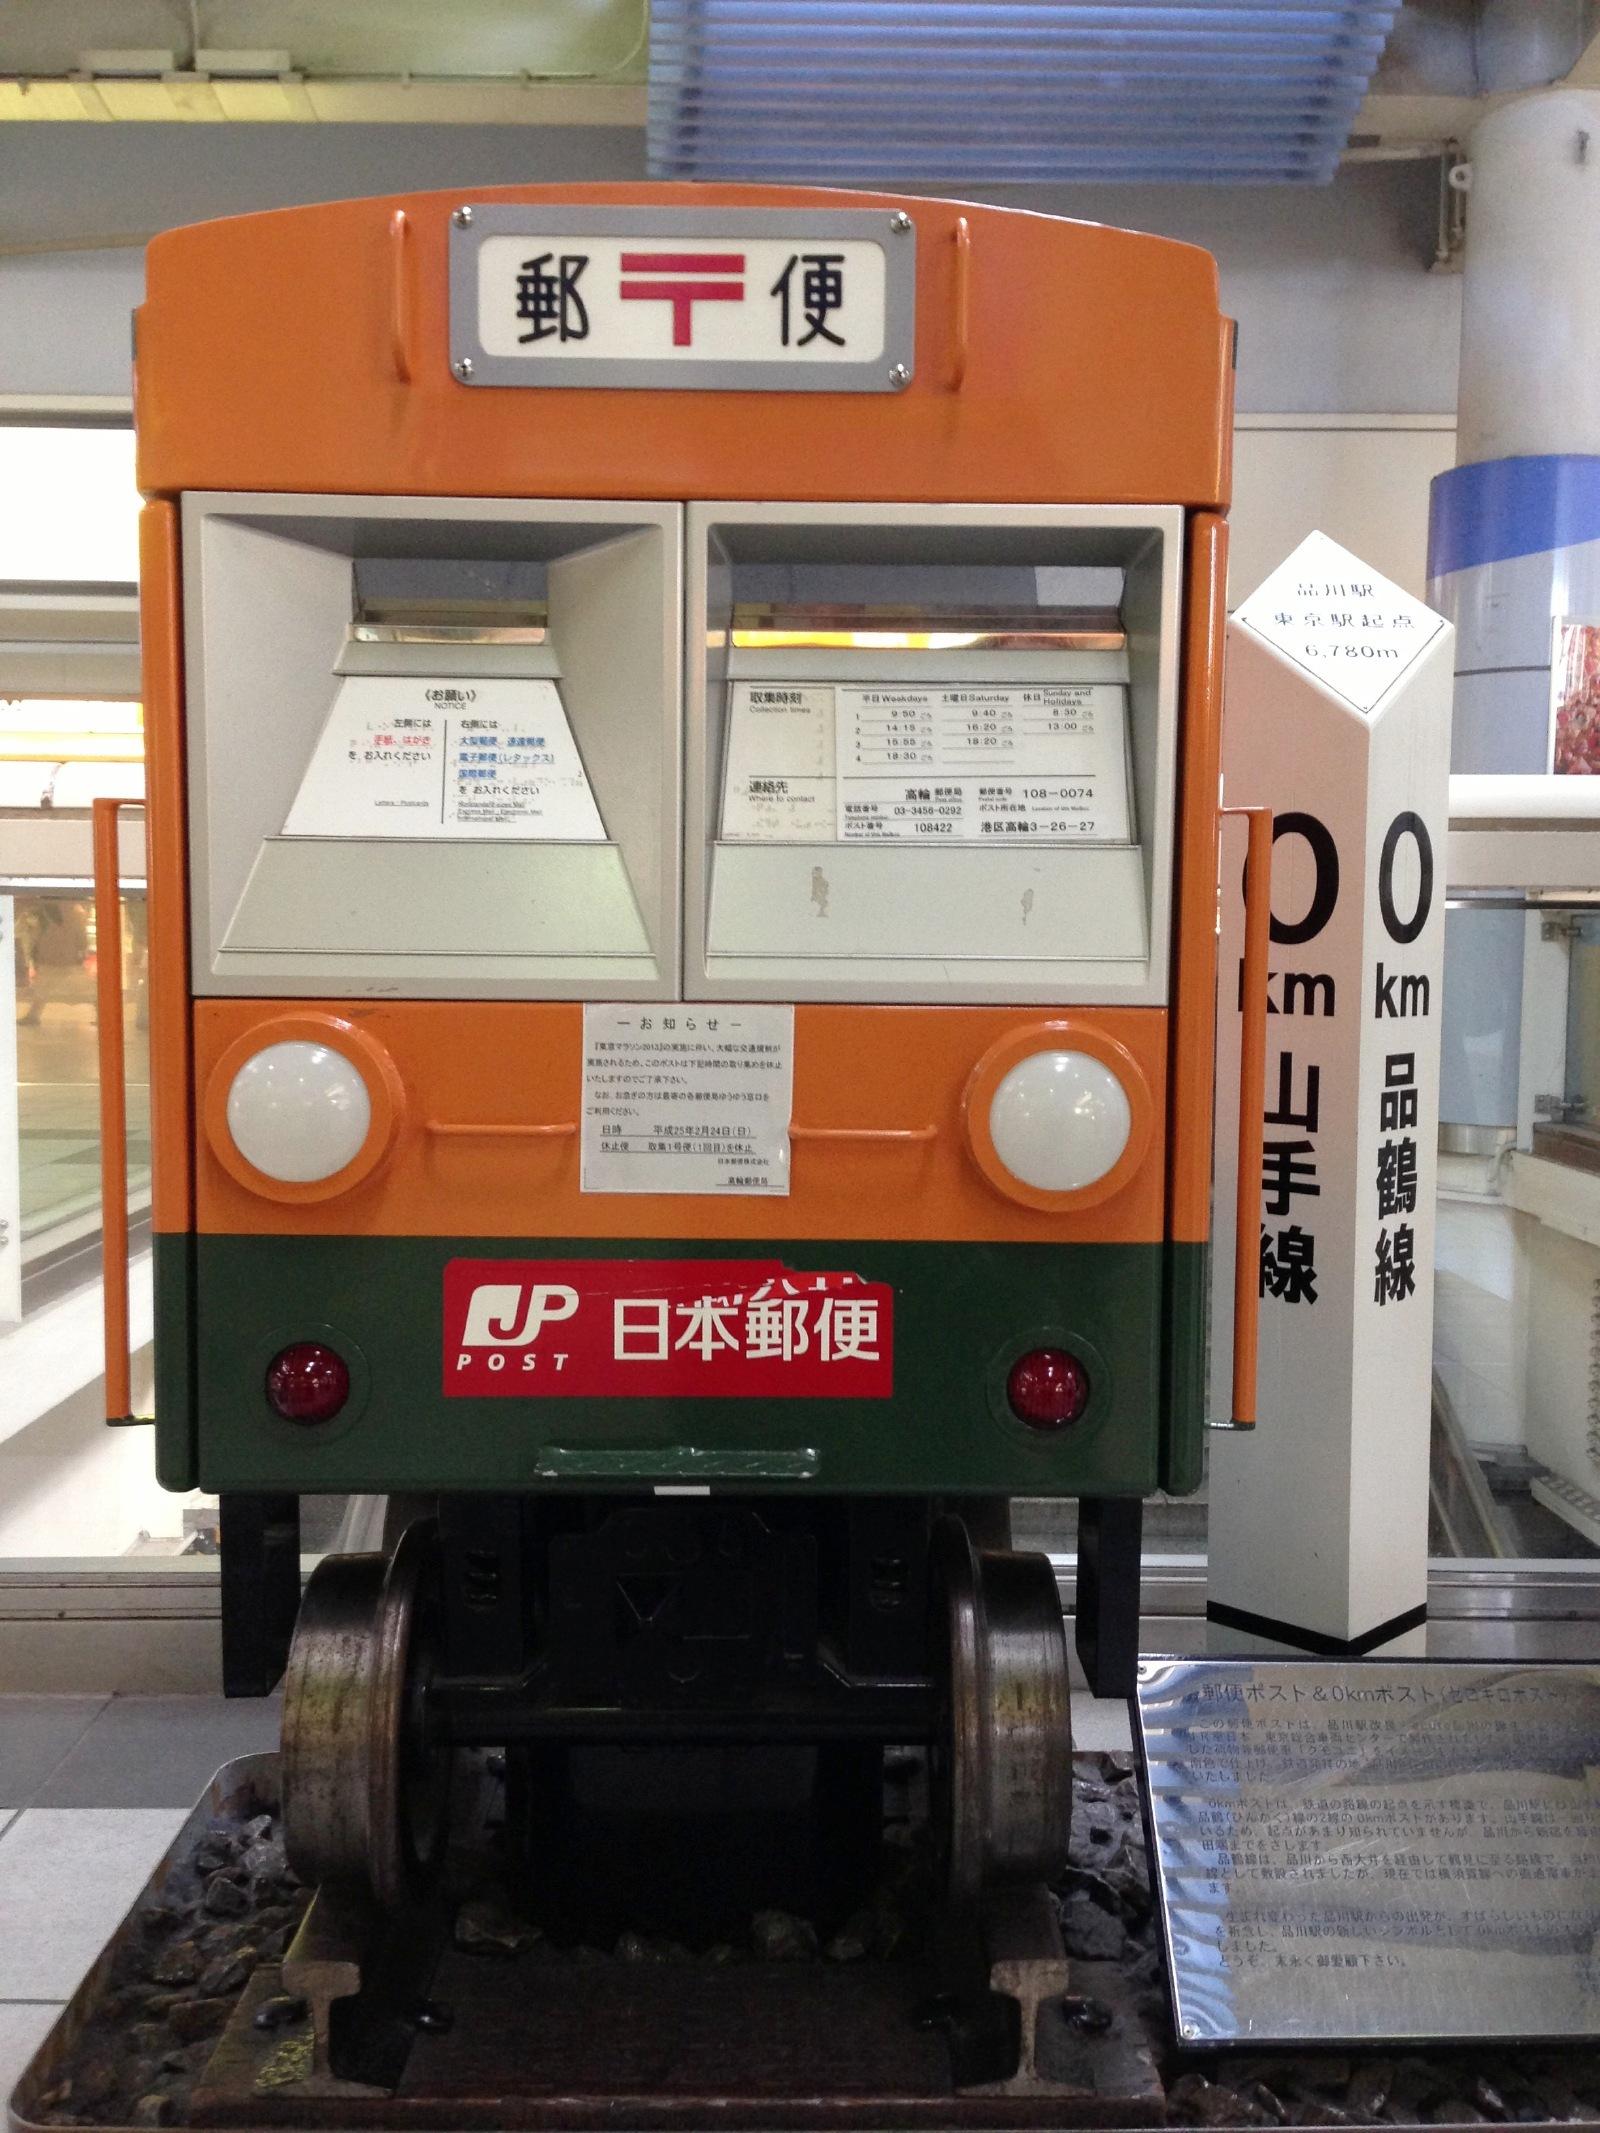 Train post at Shinagawa station